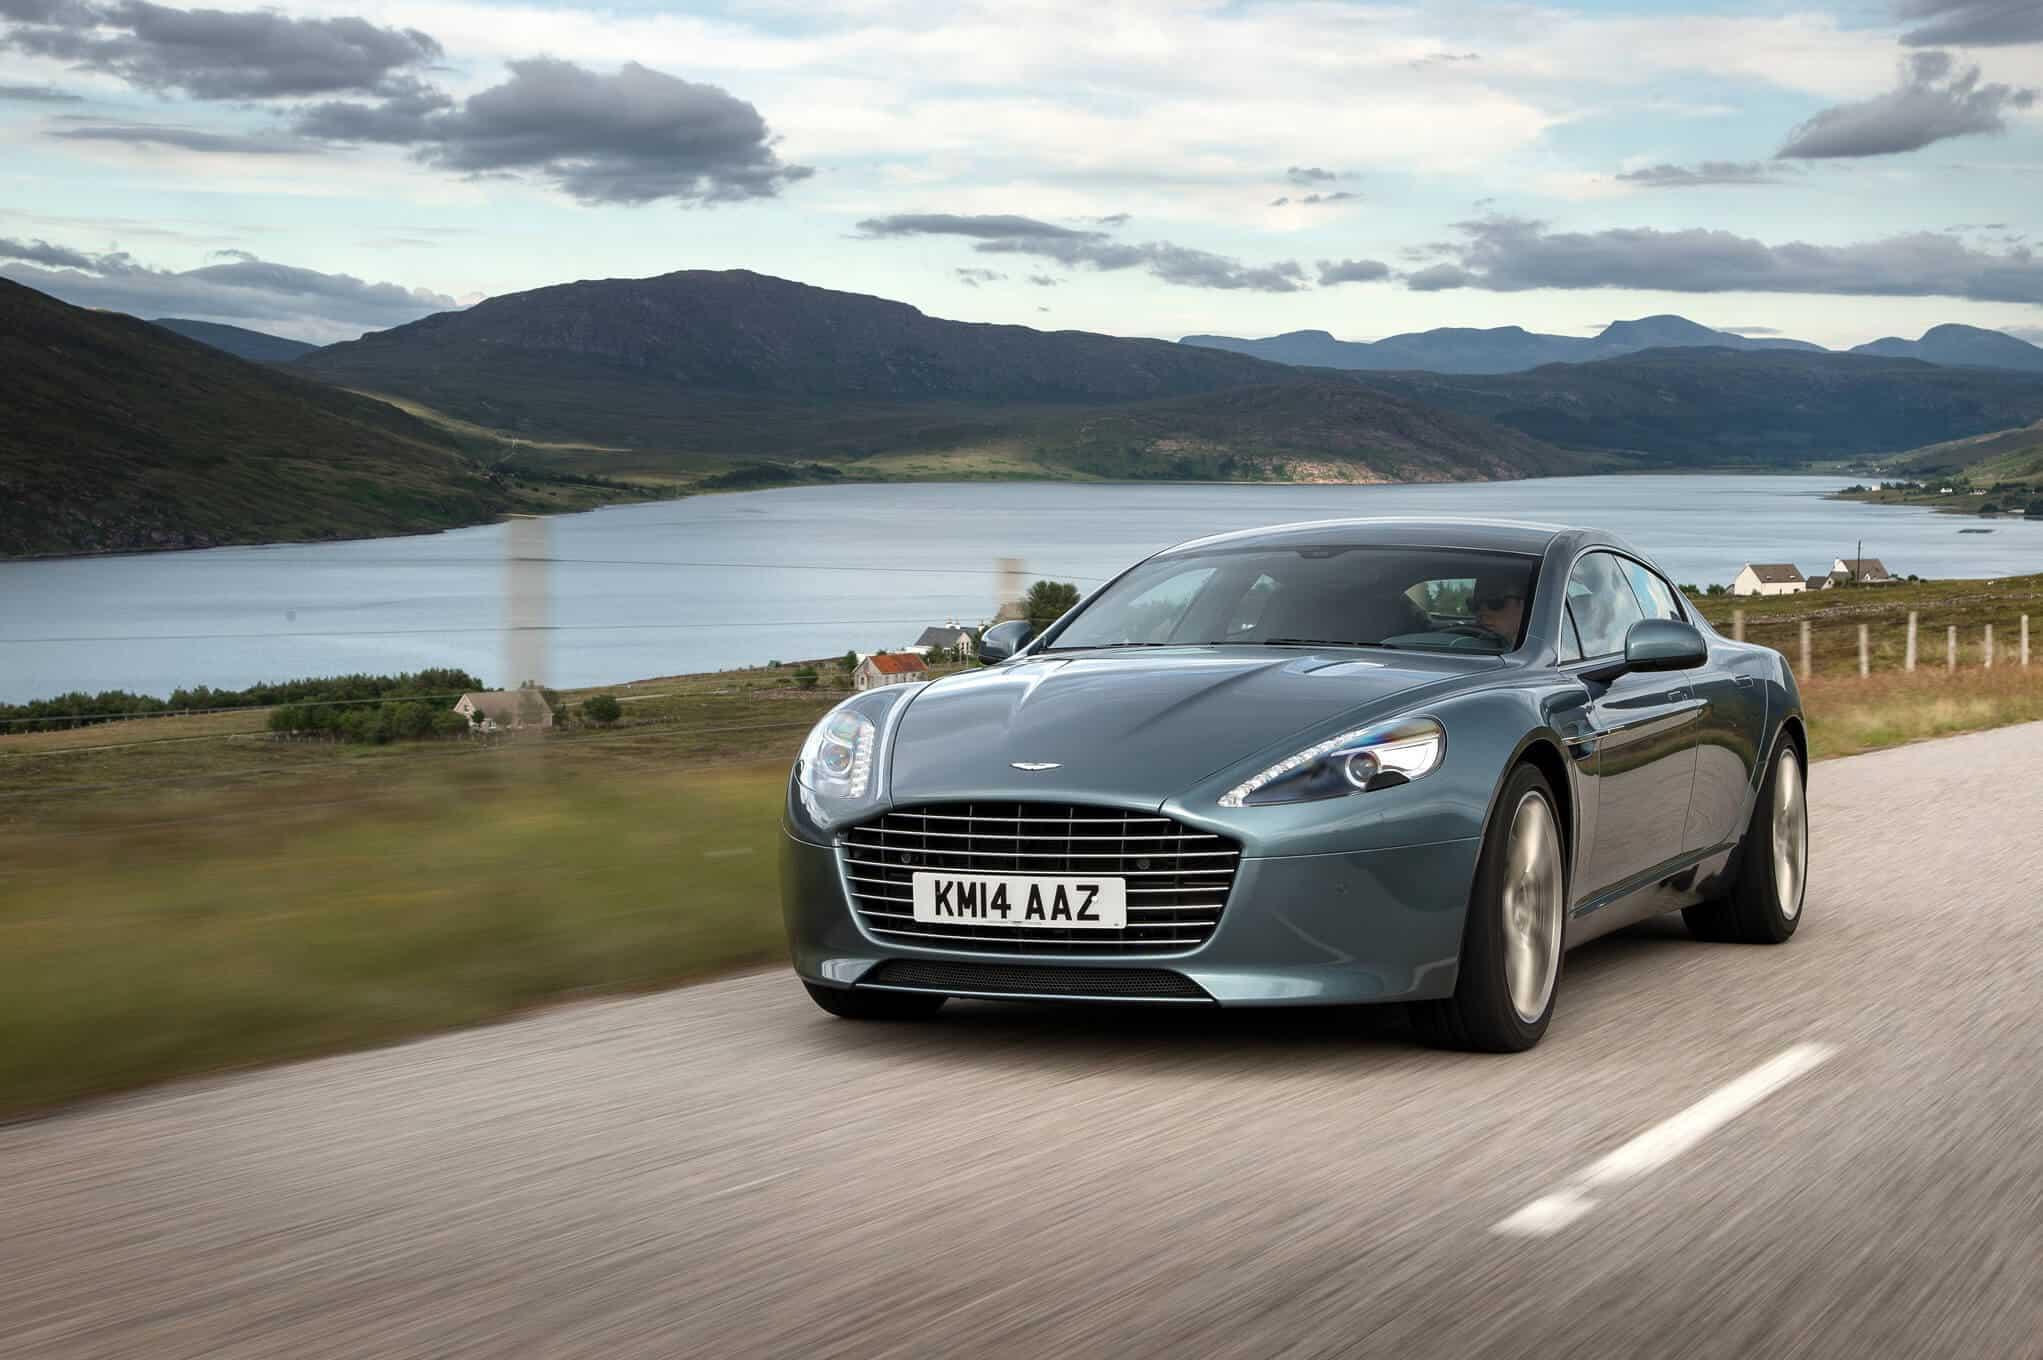 Aston DB11 leaked in full